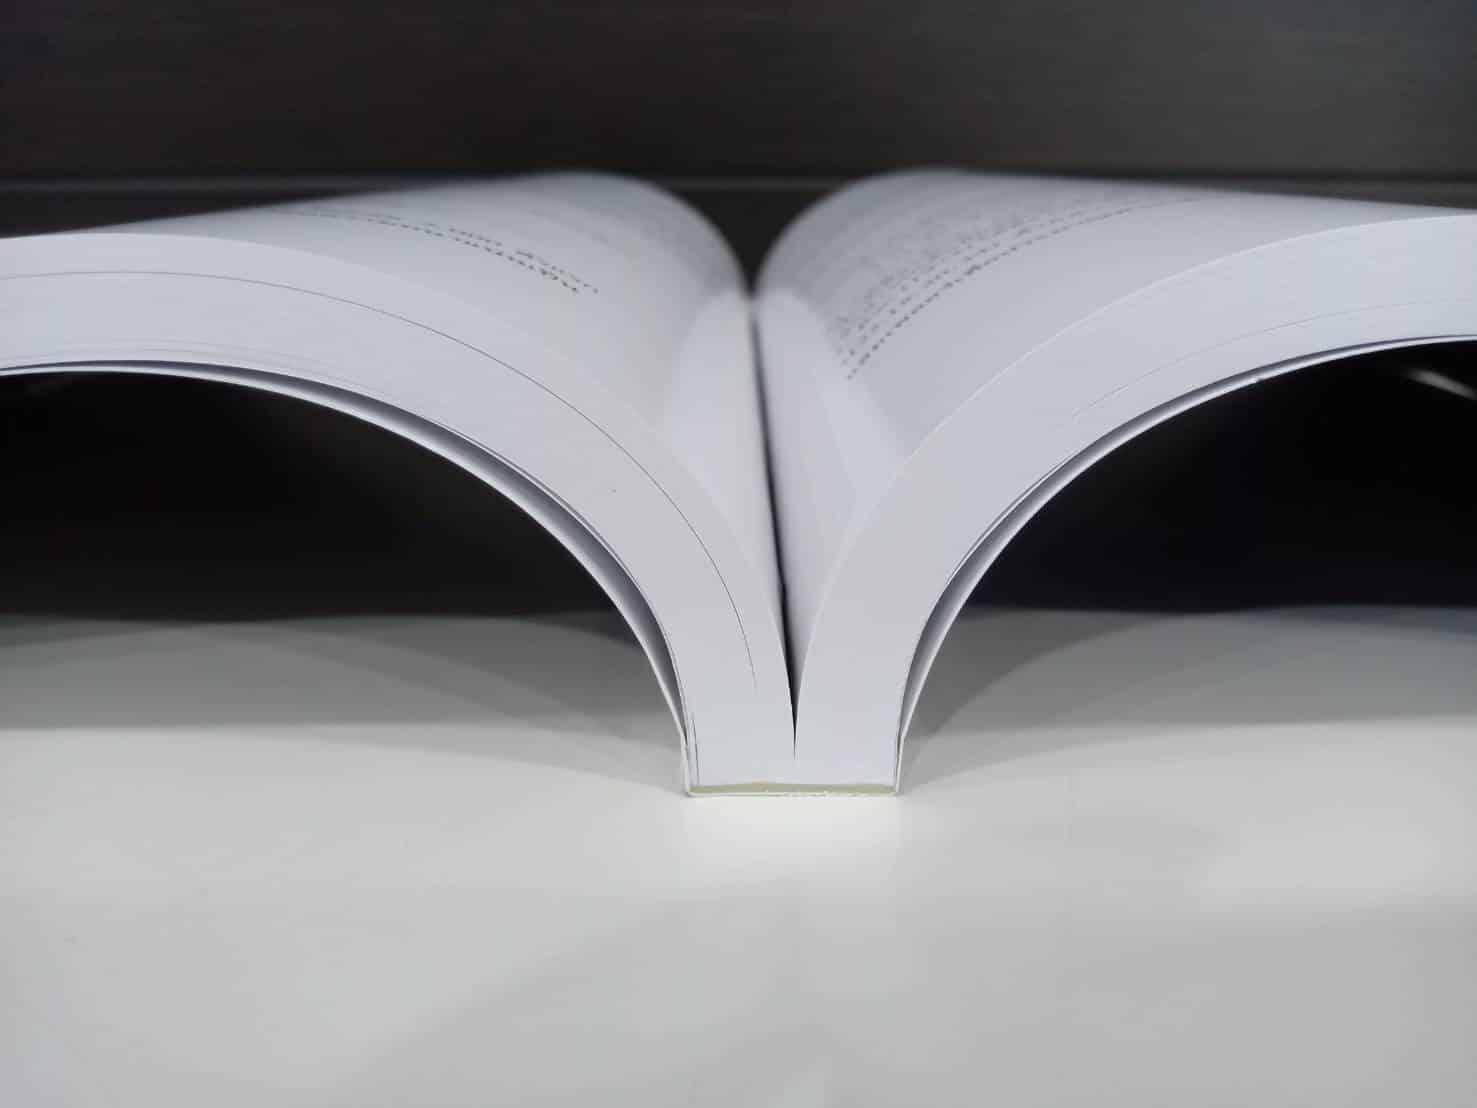 296579 - ตัวอย่างงานพิมพ์หนังสือ การคำนวณเชิงสถิติและเทคนิคการจำลองด้วยโปรแกรม R